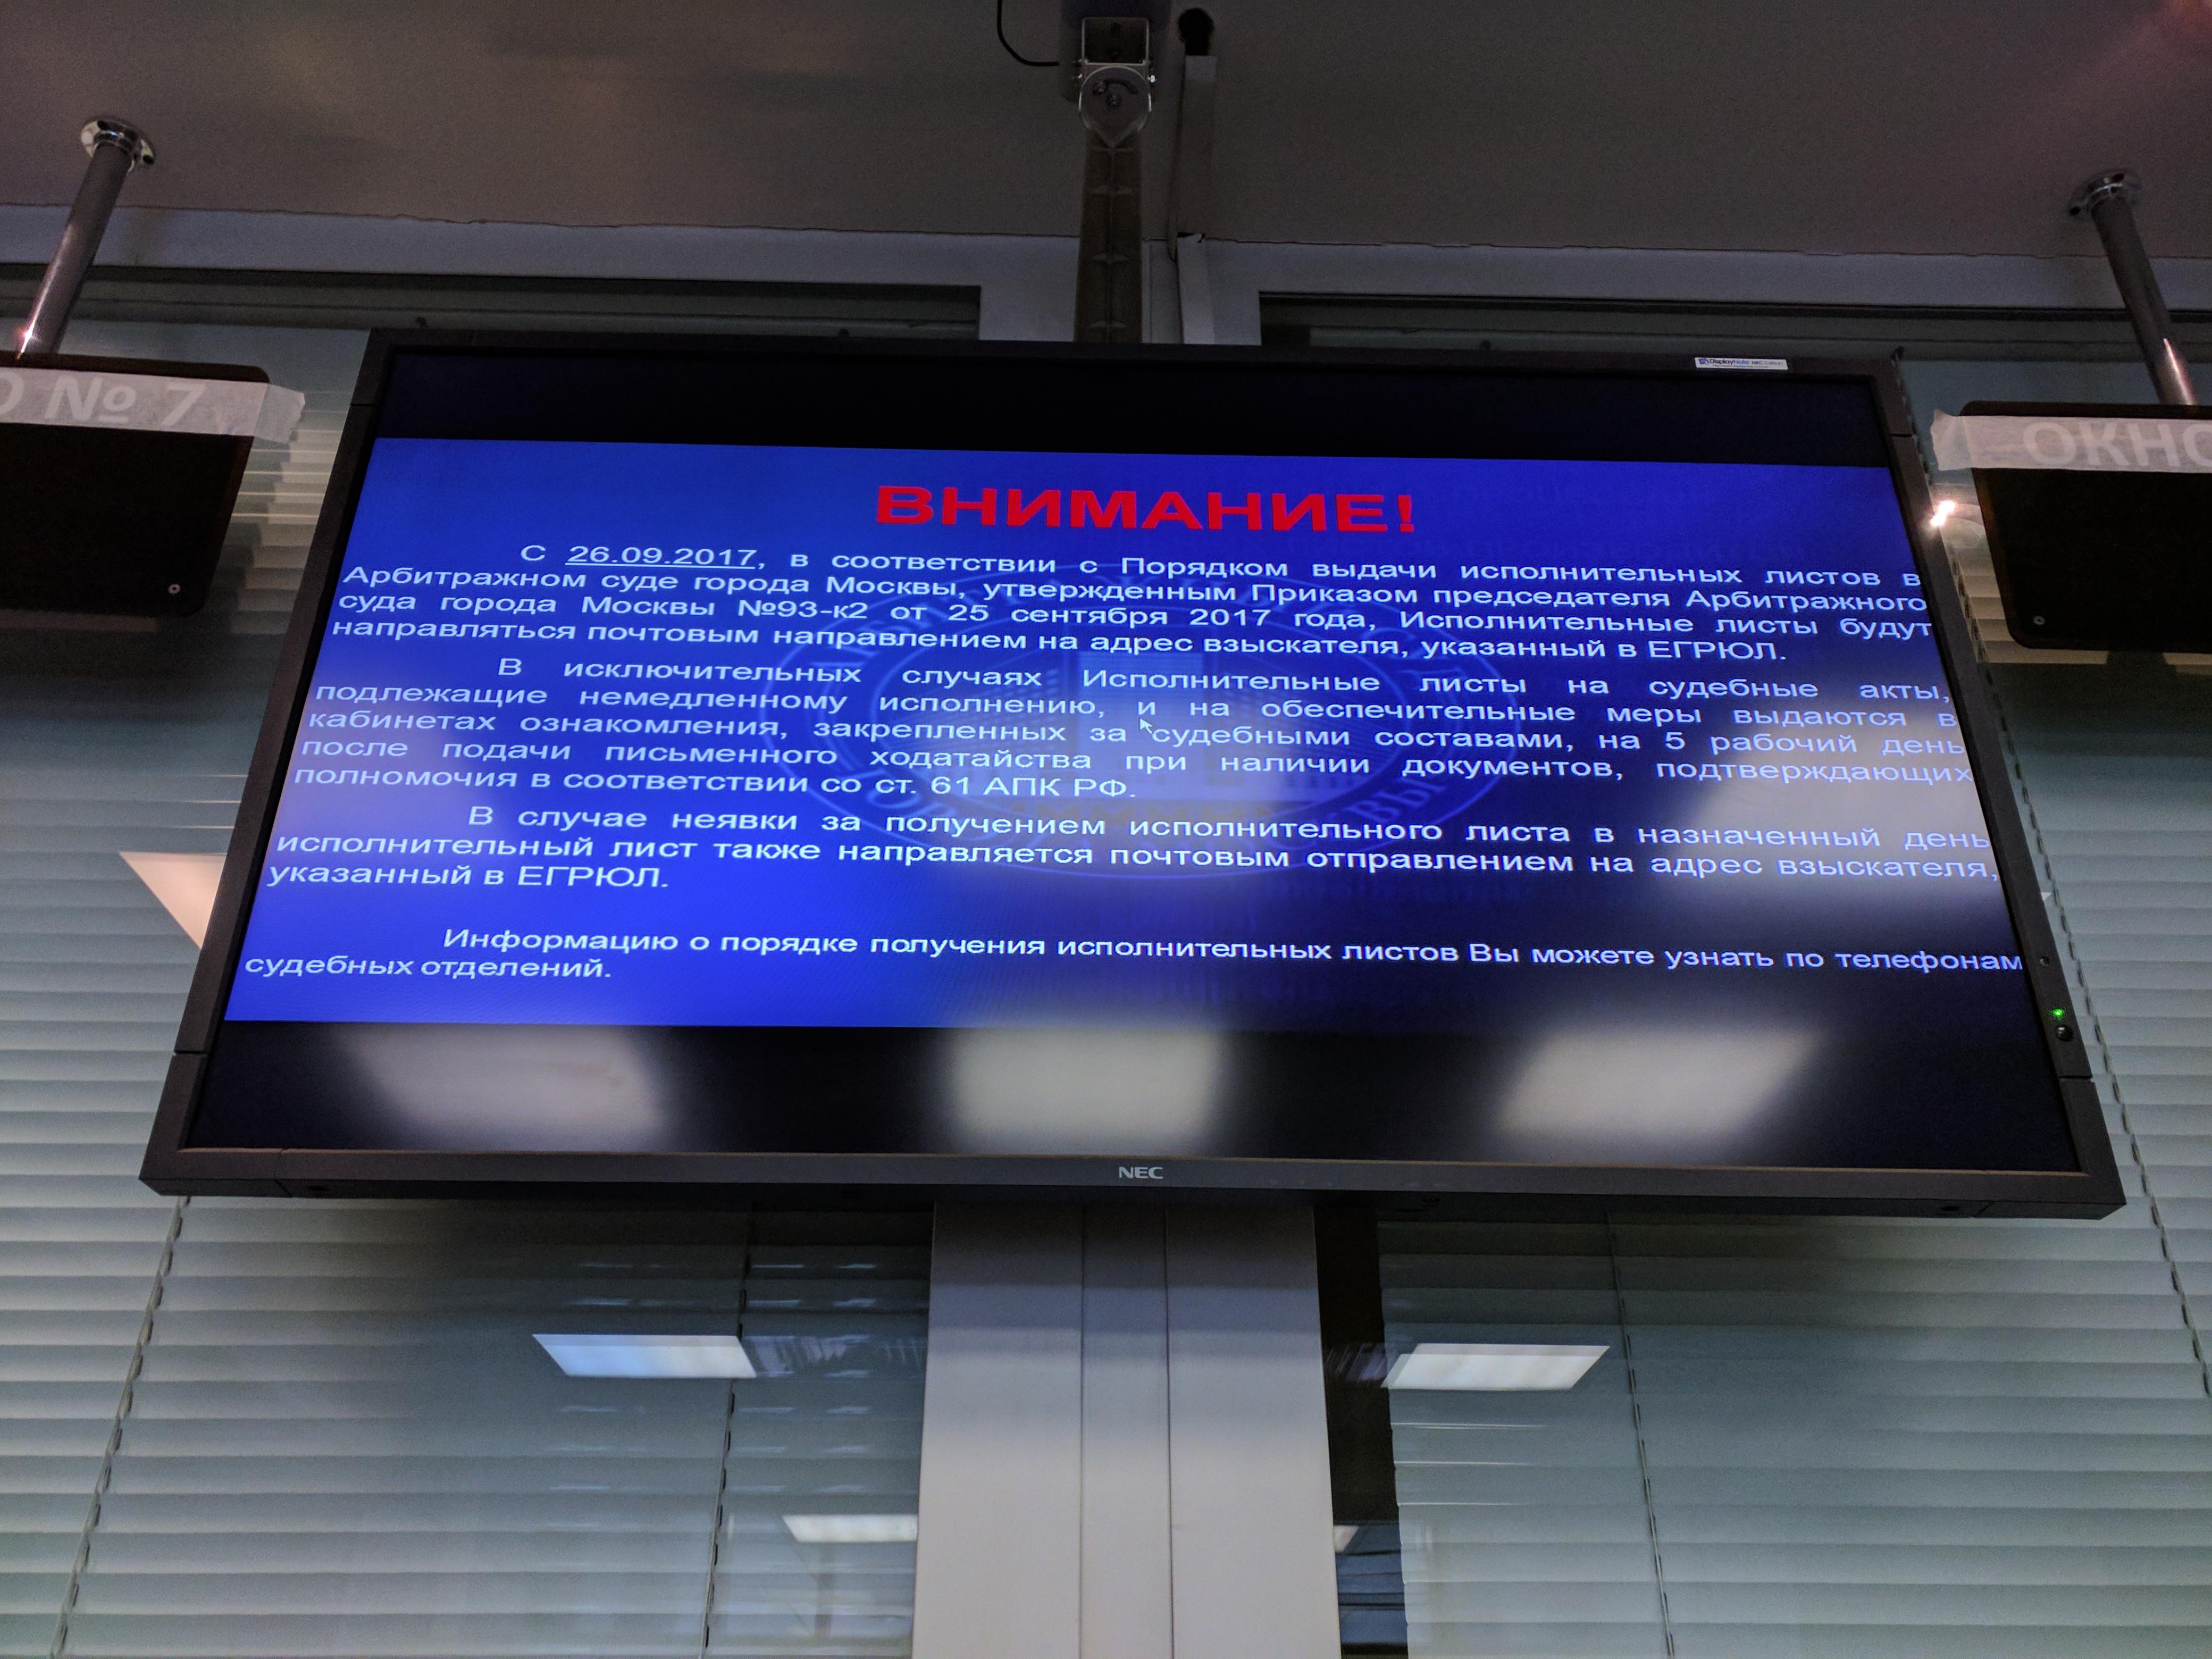 Арбитражный суд москвы исполнительный лист исполнительный лист 2012